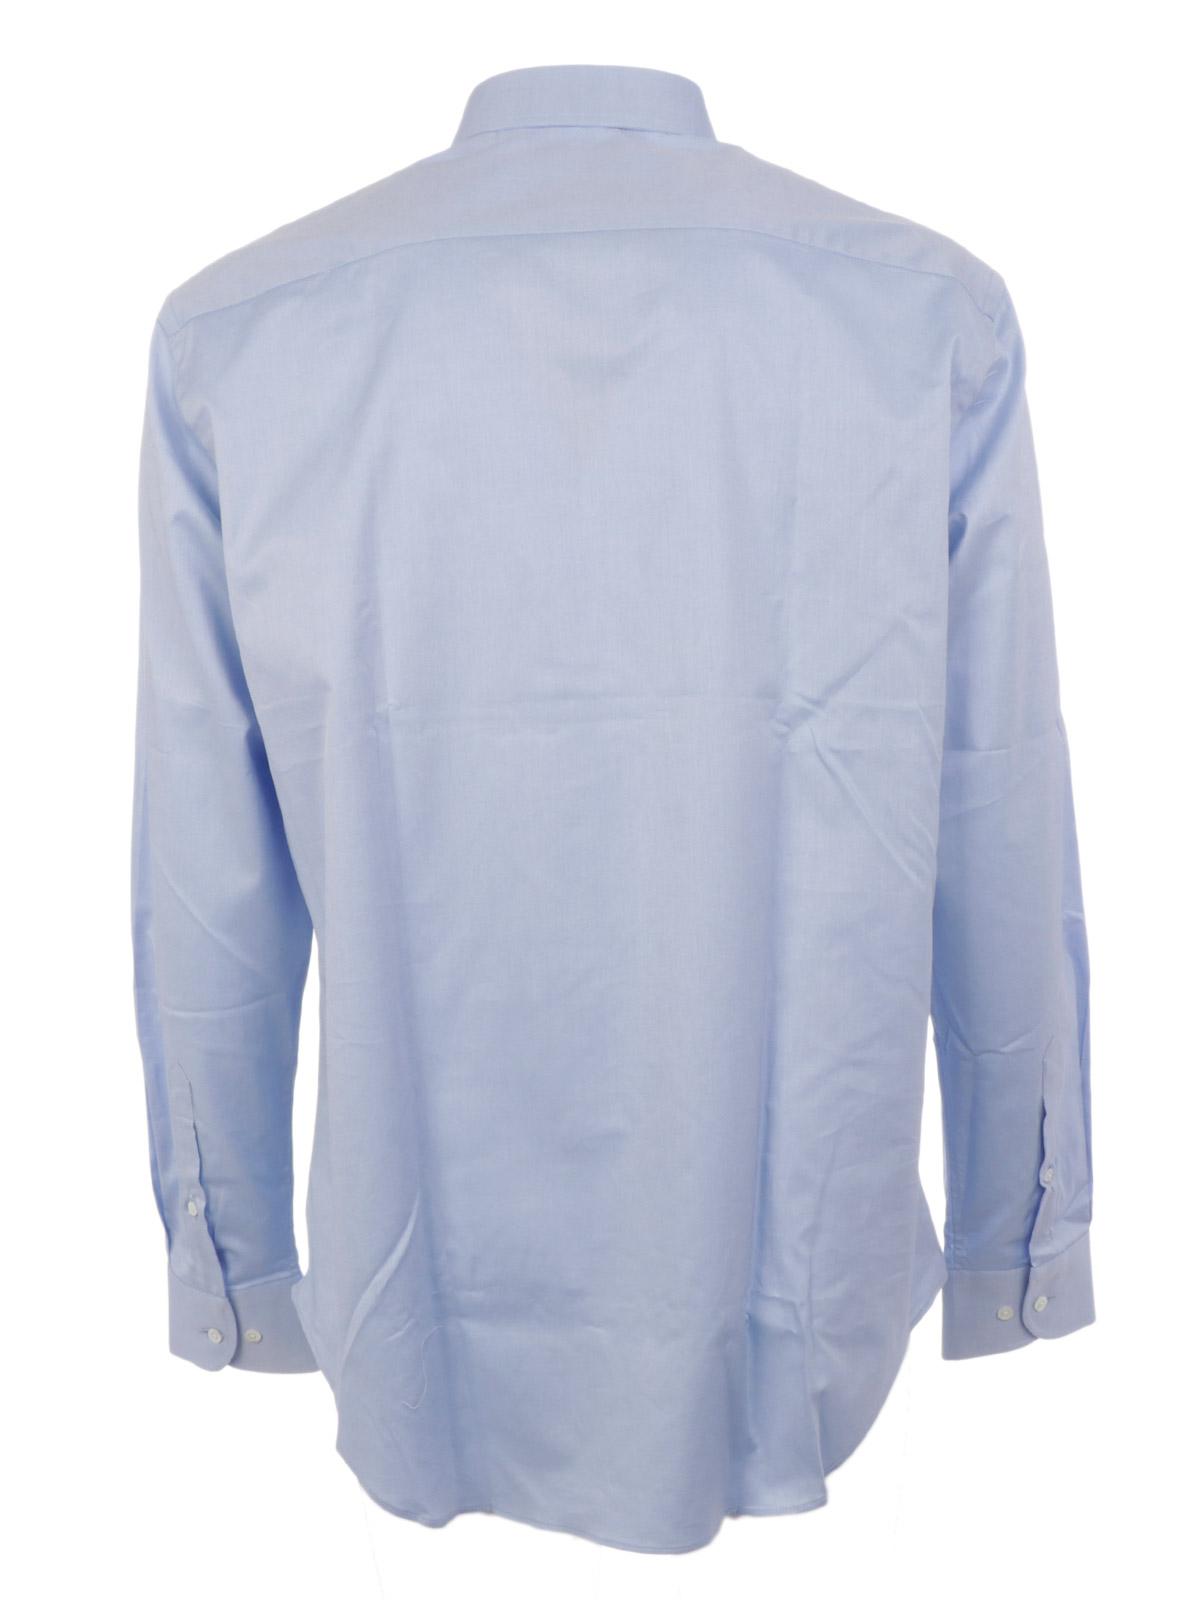 detailed look 59e7e 5b142 EMPORIO ARMANI Camicia Uomo Twill di Cotone